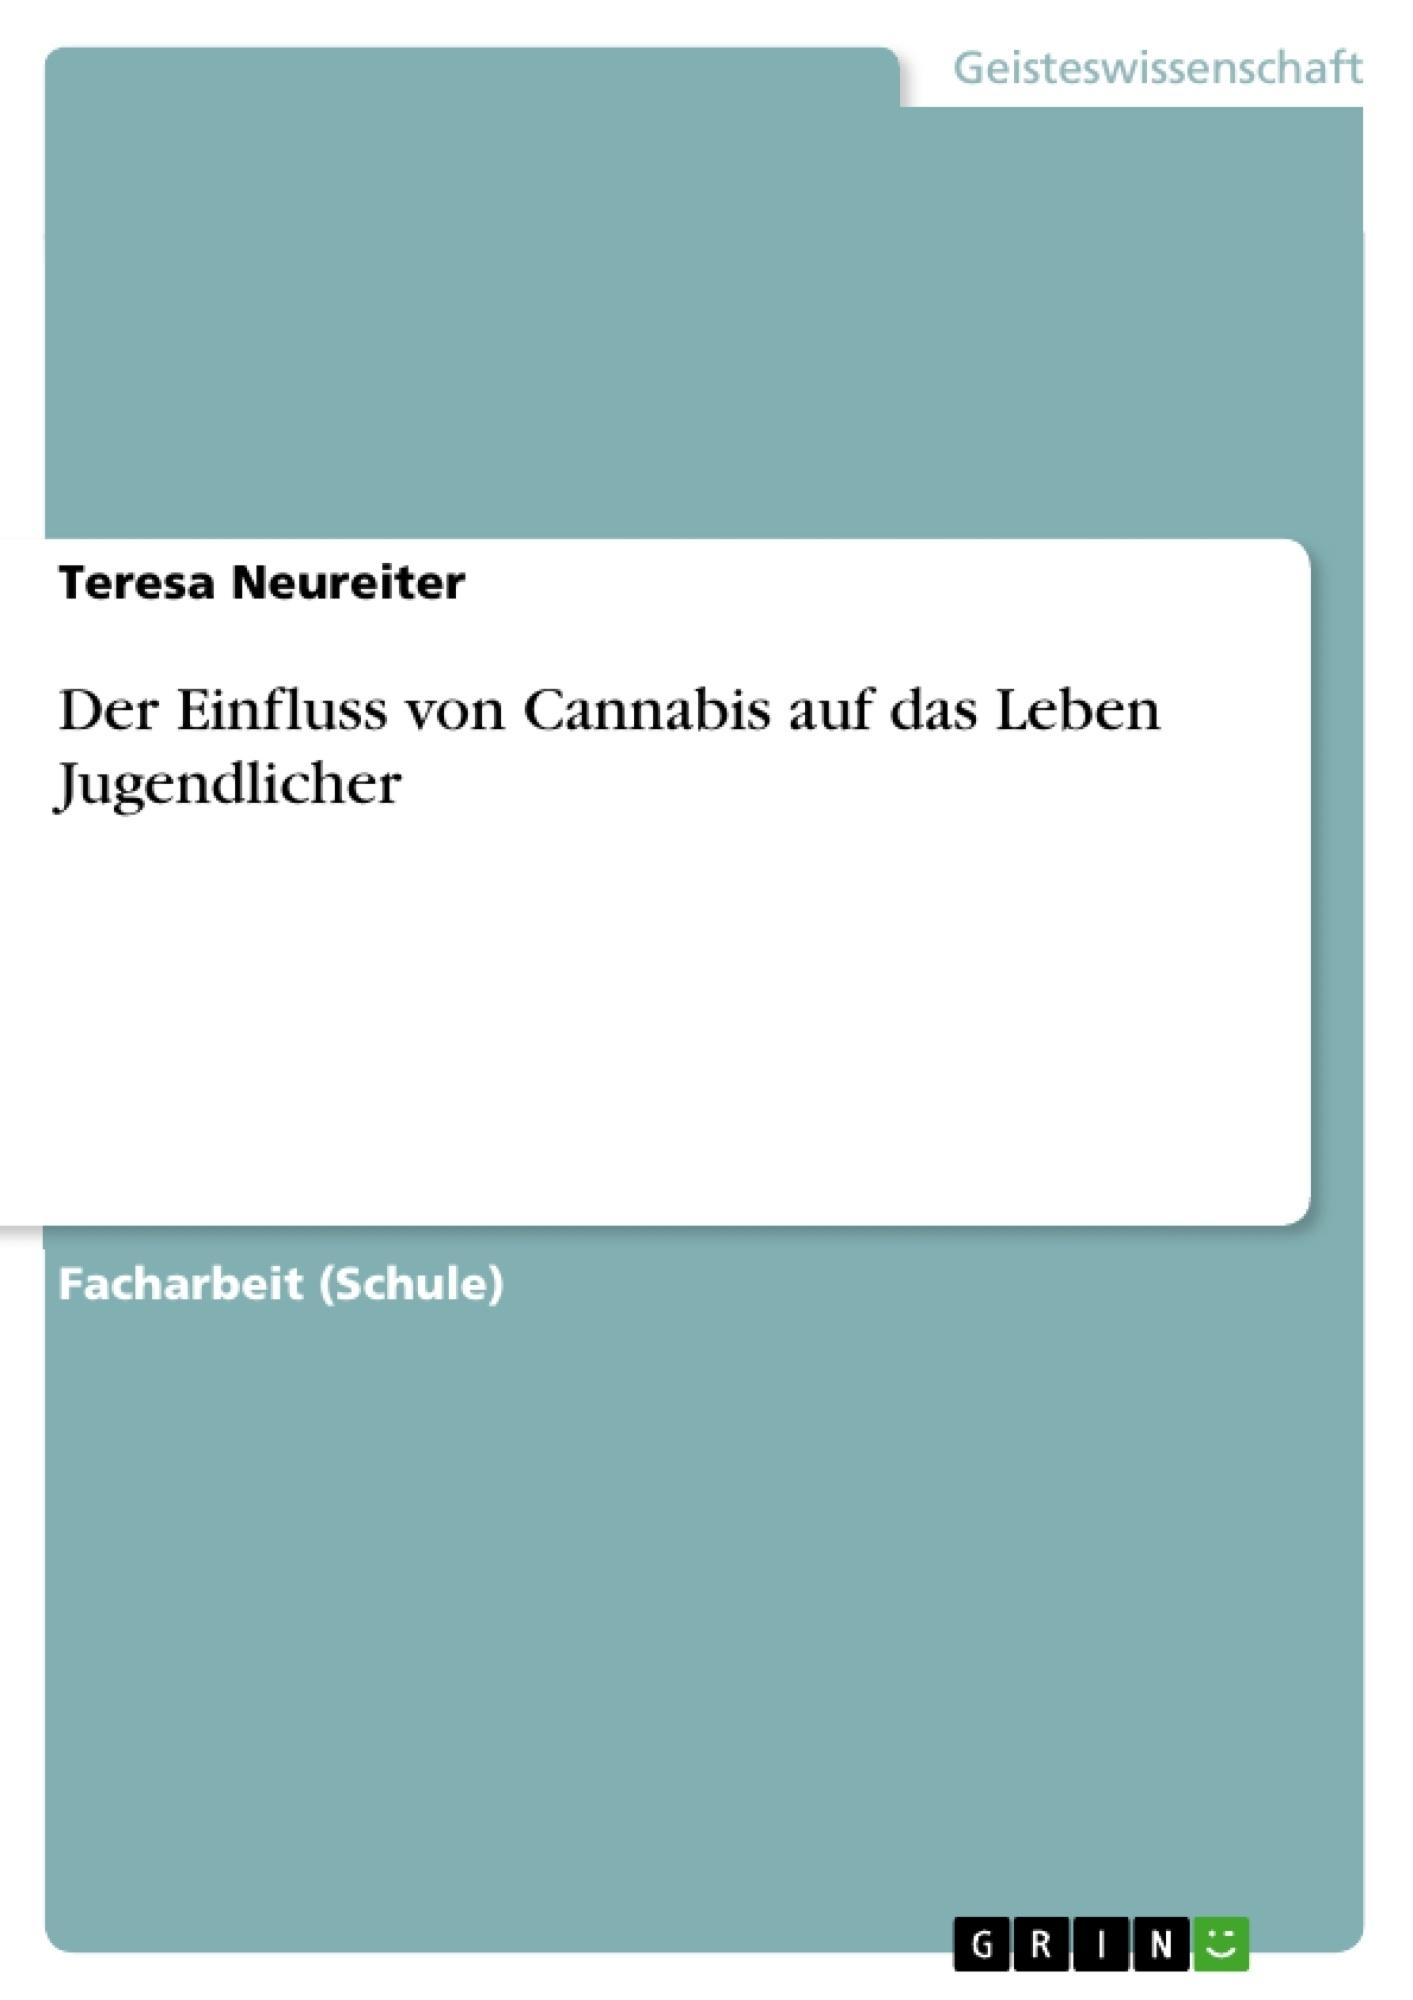 Titel: Der Einfluss von Cannabis auf das Leben Jugendlicher